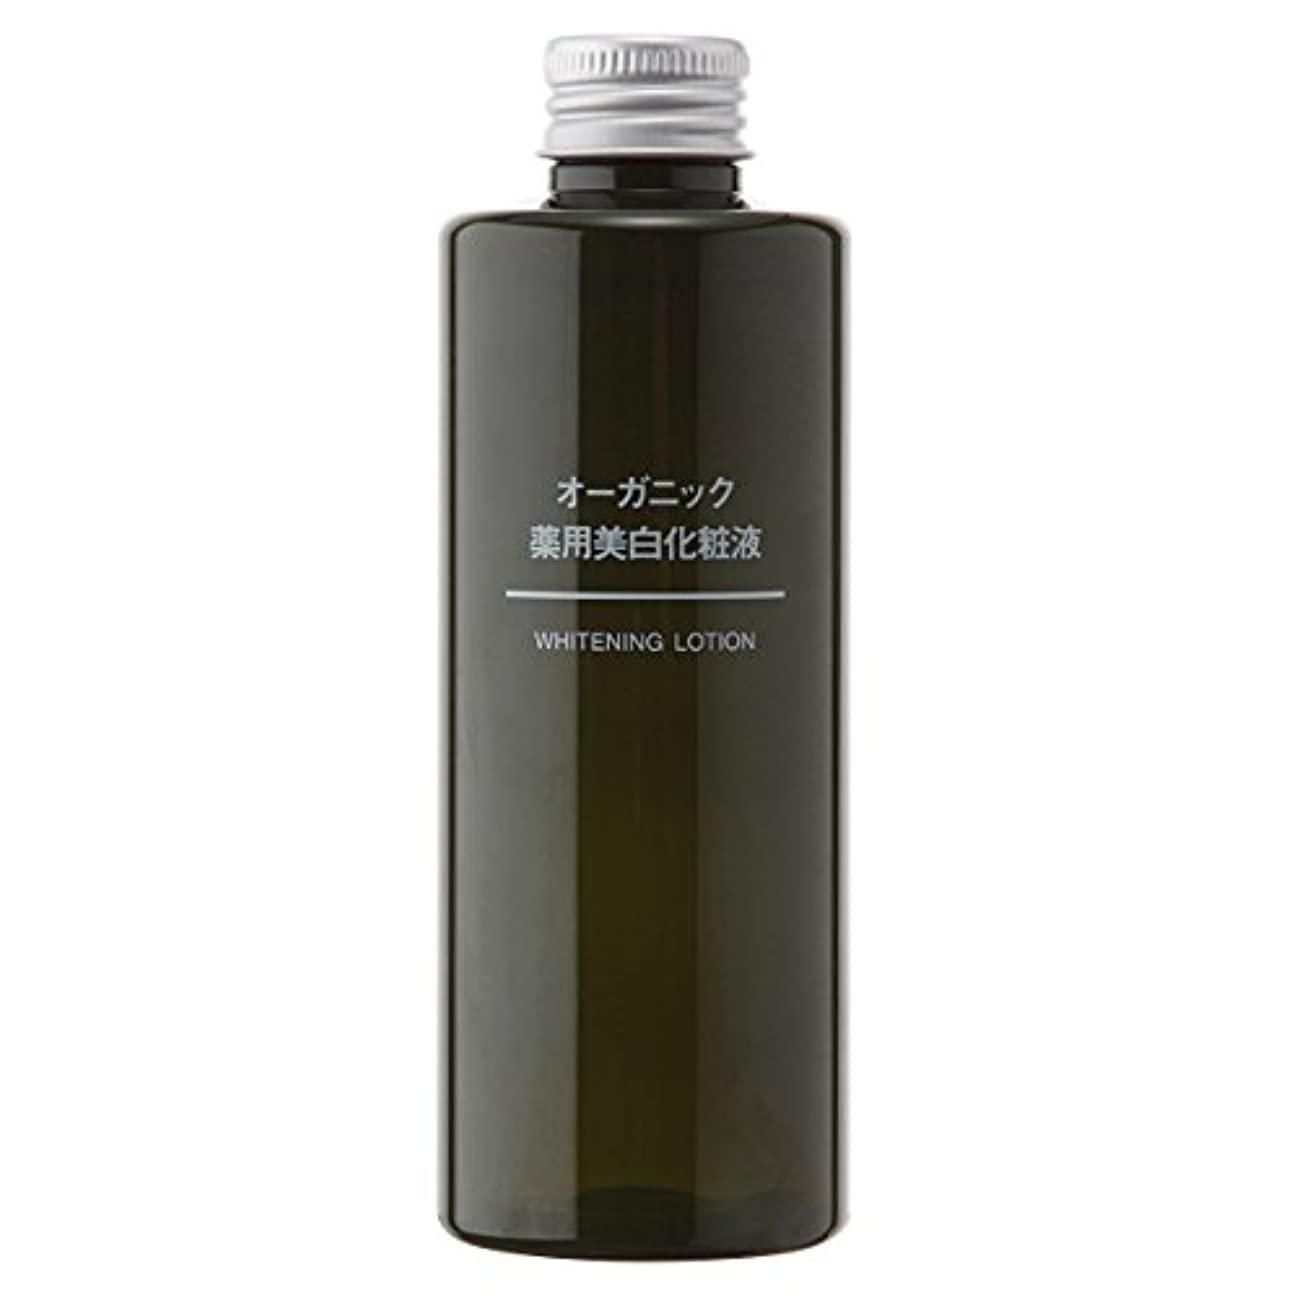 ポンド苦行特殊無印良品 オーガニック薬用美白化粧液 200ml